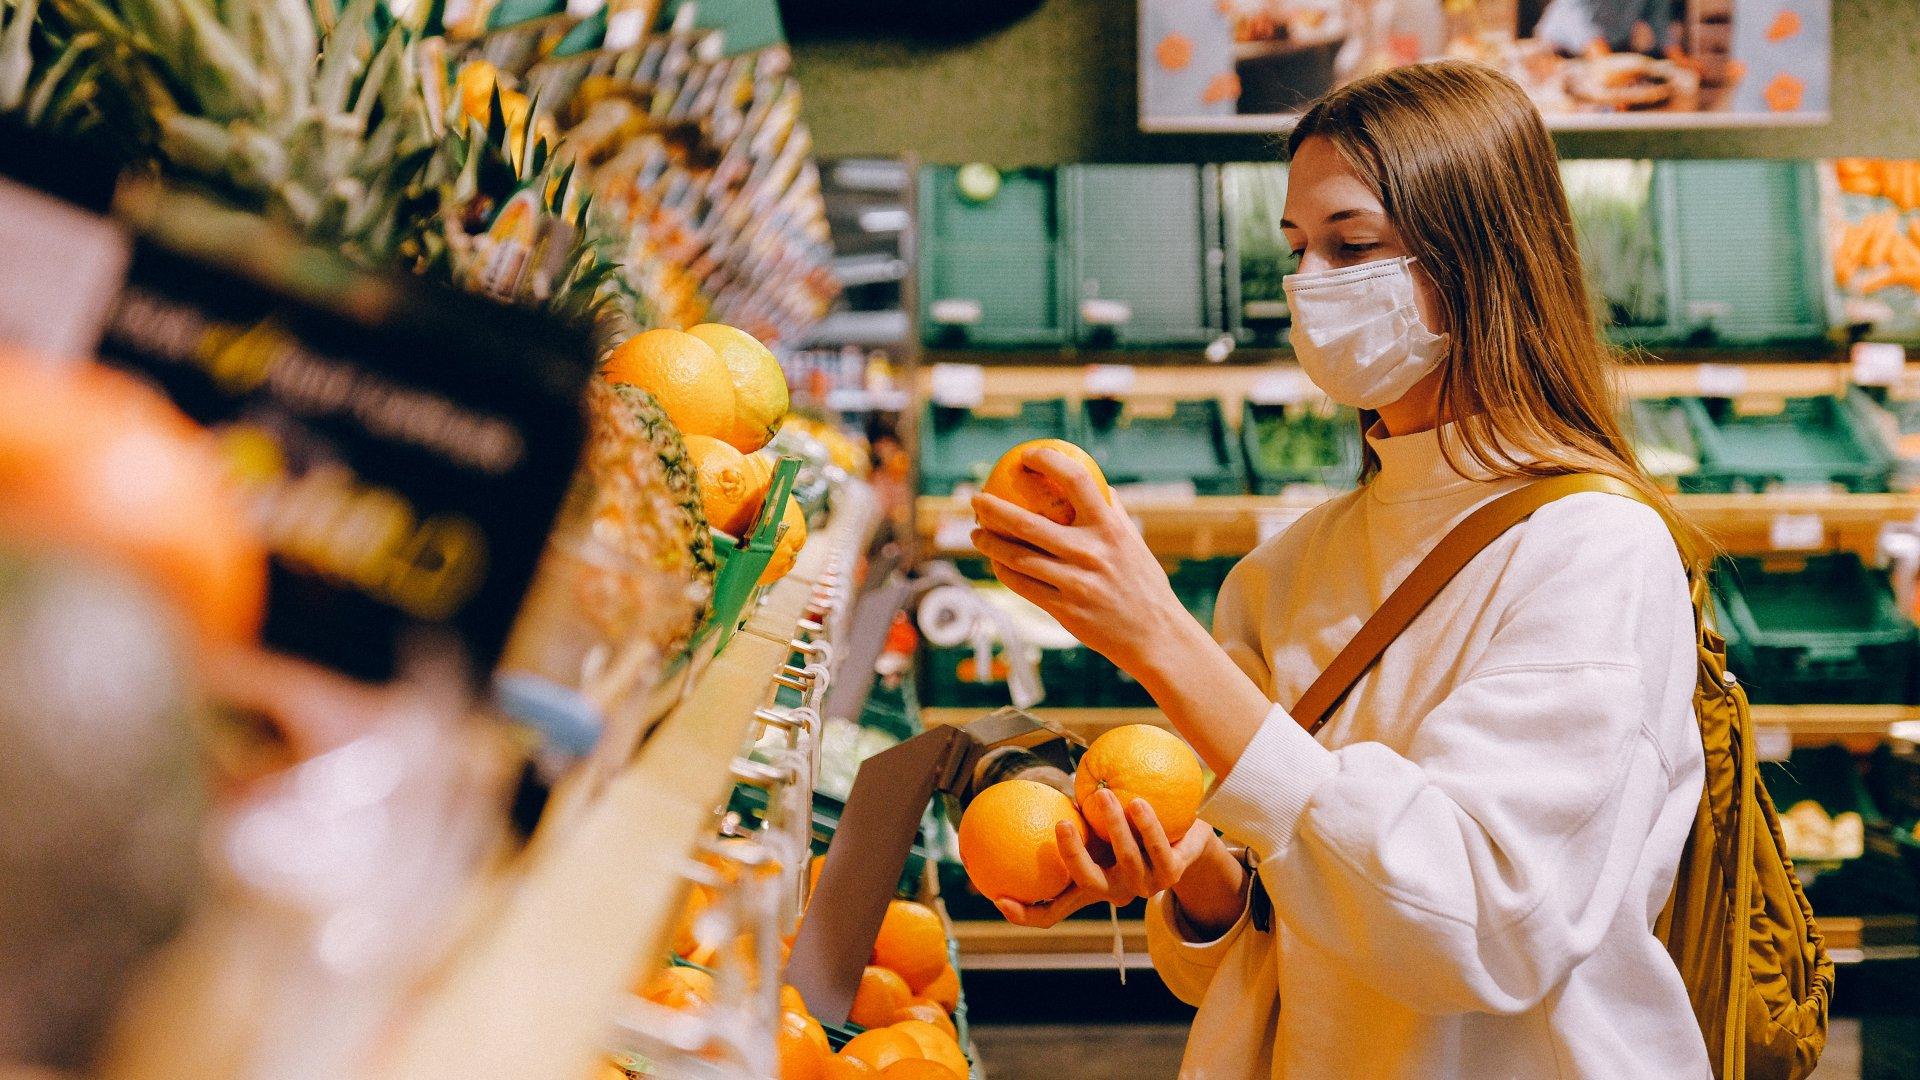 Maszkot viselő nő egy boltban